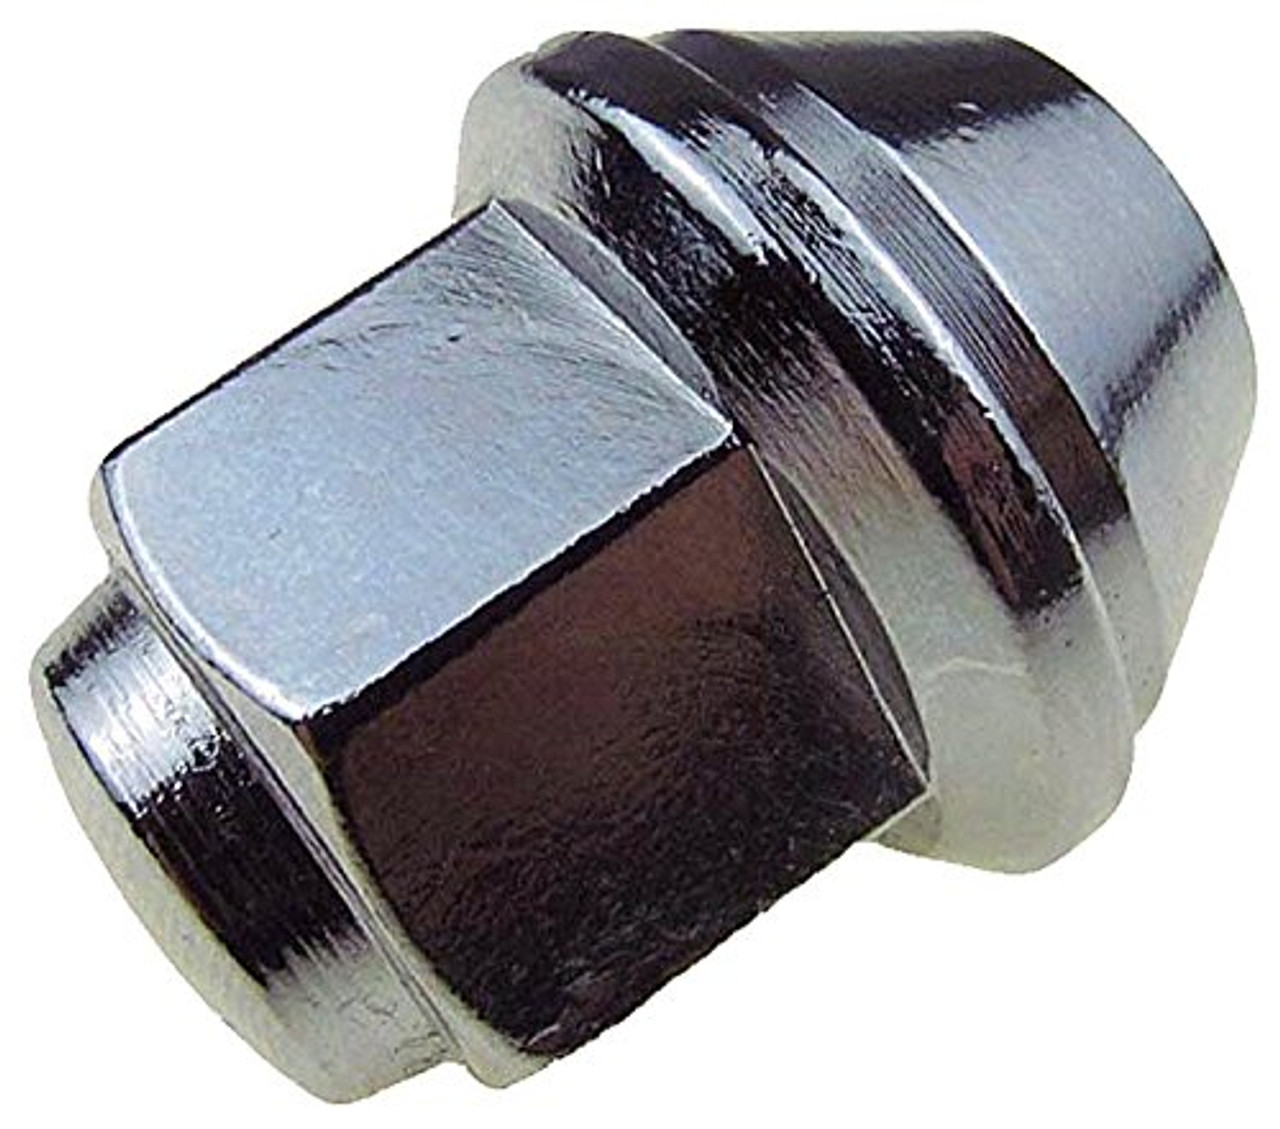 Pack of 10 Dorman 611-303 M12-1.50 Capped Wheel Nut